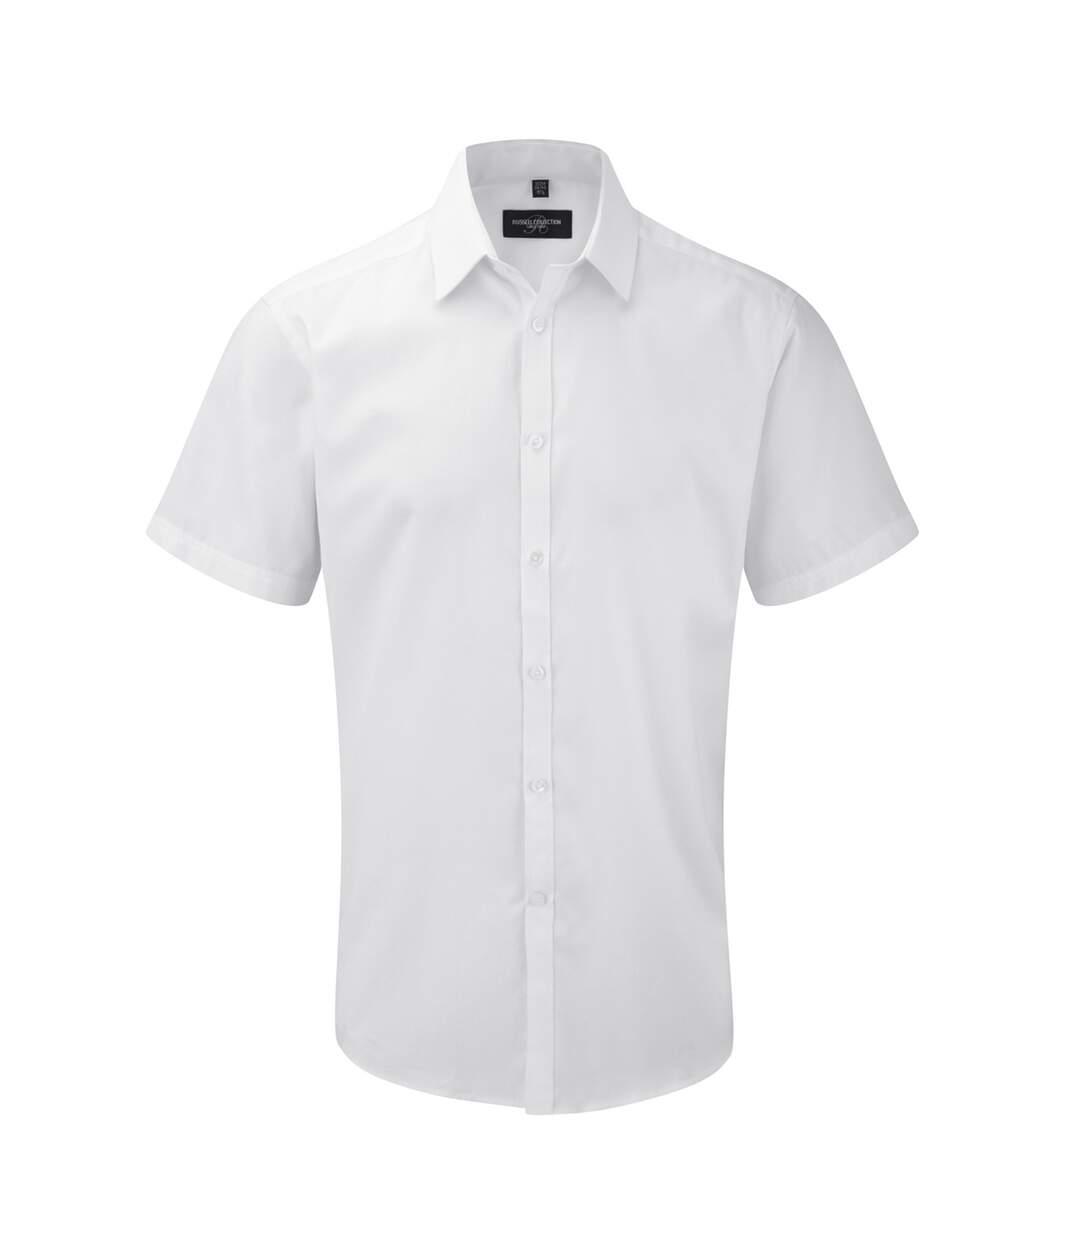 Russell Mens Short Sleeve Herringbone Work Shirt (White) - UTBC2743